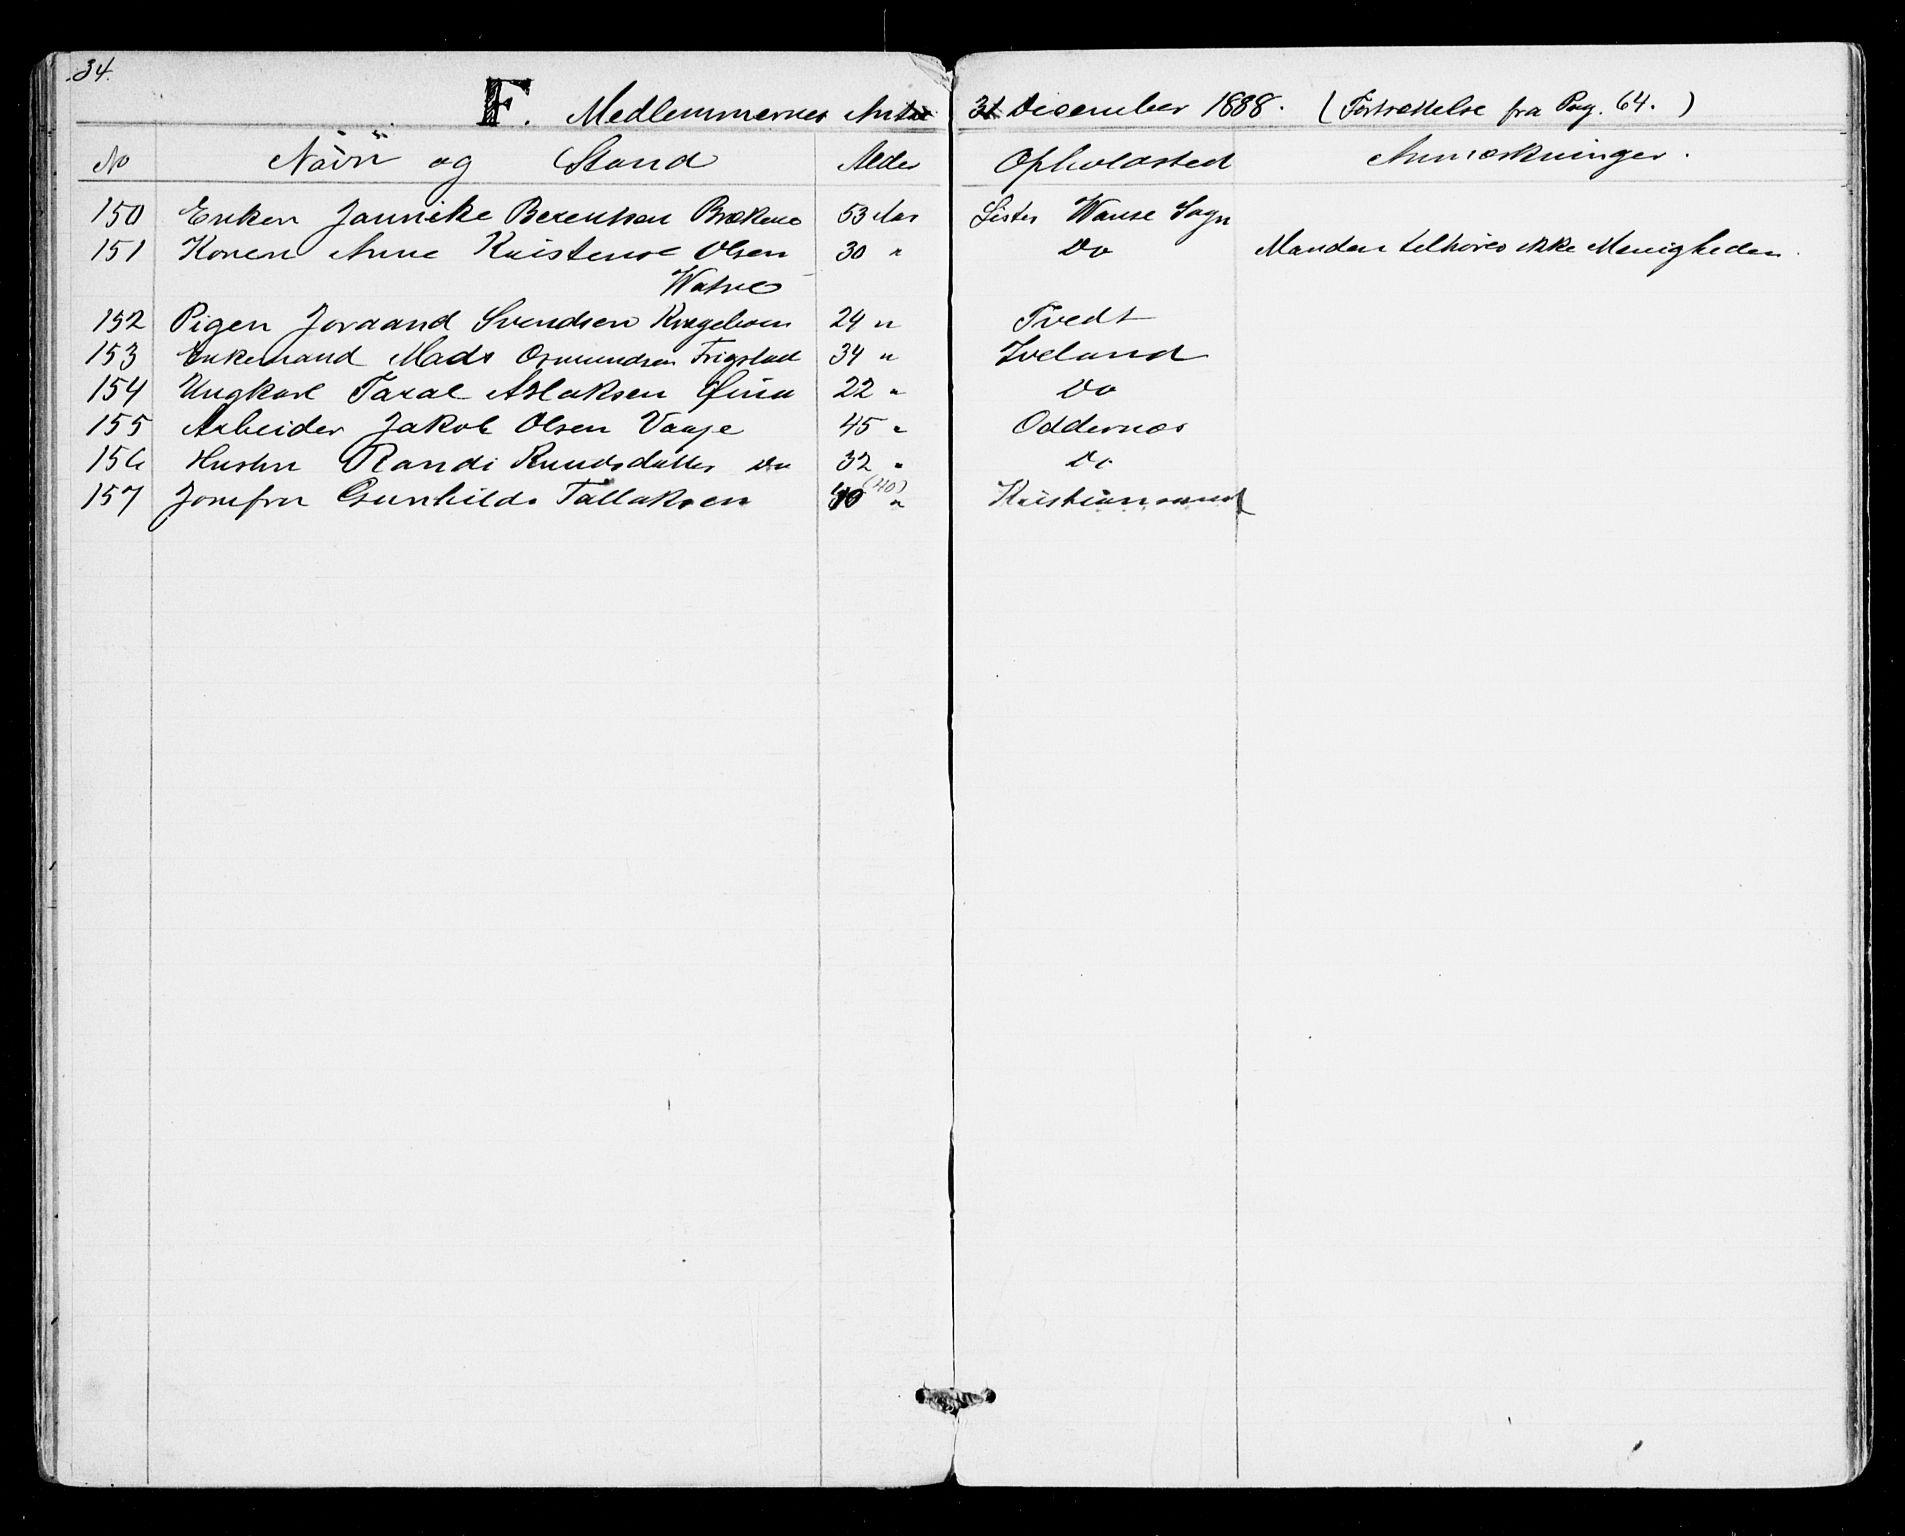 SAK, Den evangelisk-lutherske frikirke, Kristiansand, F/Fa/L0001: Dissenterprotokoll nr. F 9, 1877-1888, s. 34